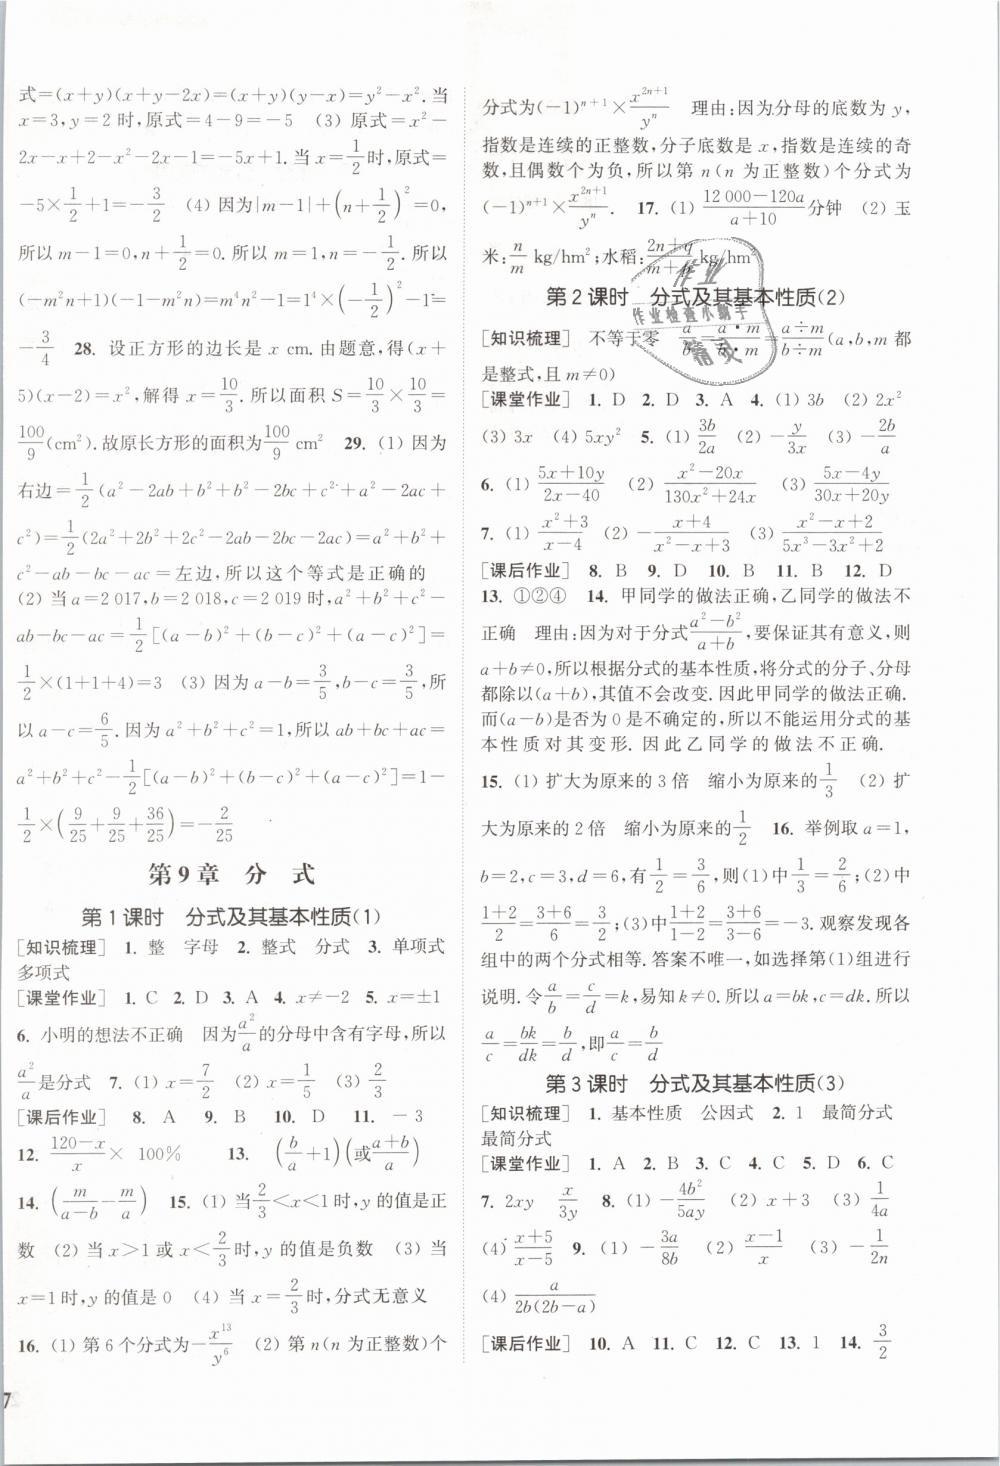 2019年通城学典课时作业本七年级数学下册沪科版第10页